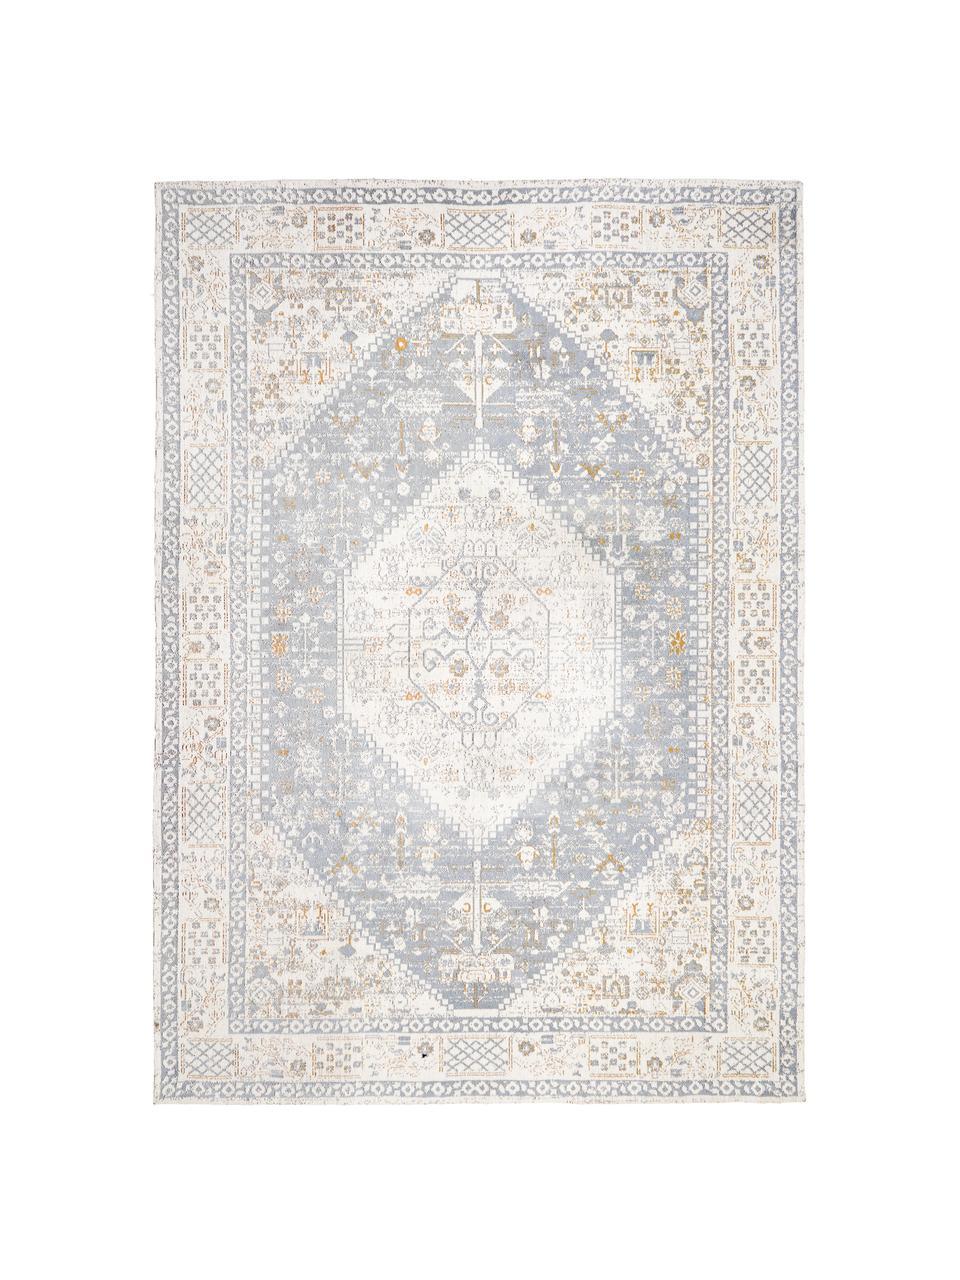 Ručne tkaný ženilkový vintage koberec Neapel, Svetlomodrá, krémová, sivobéžová